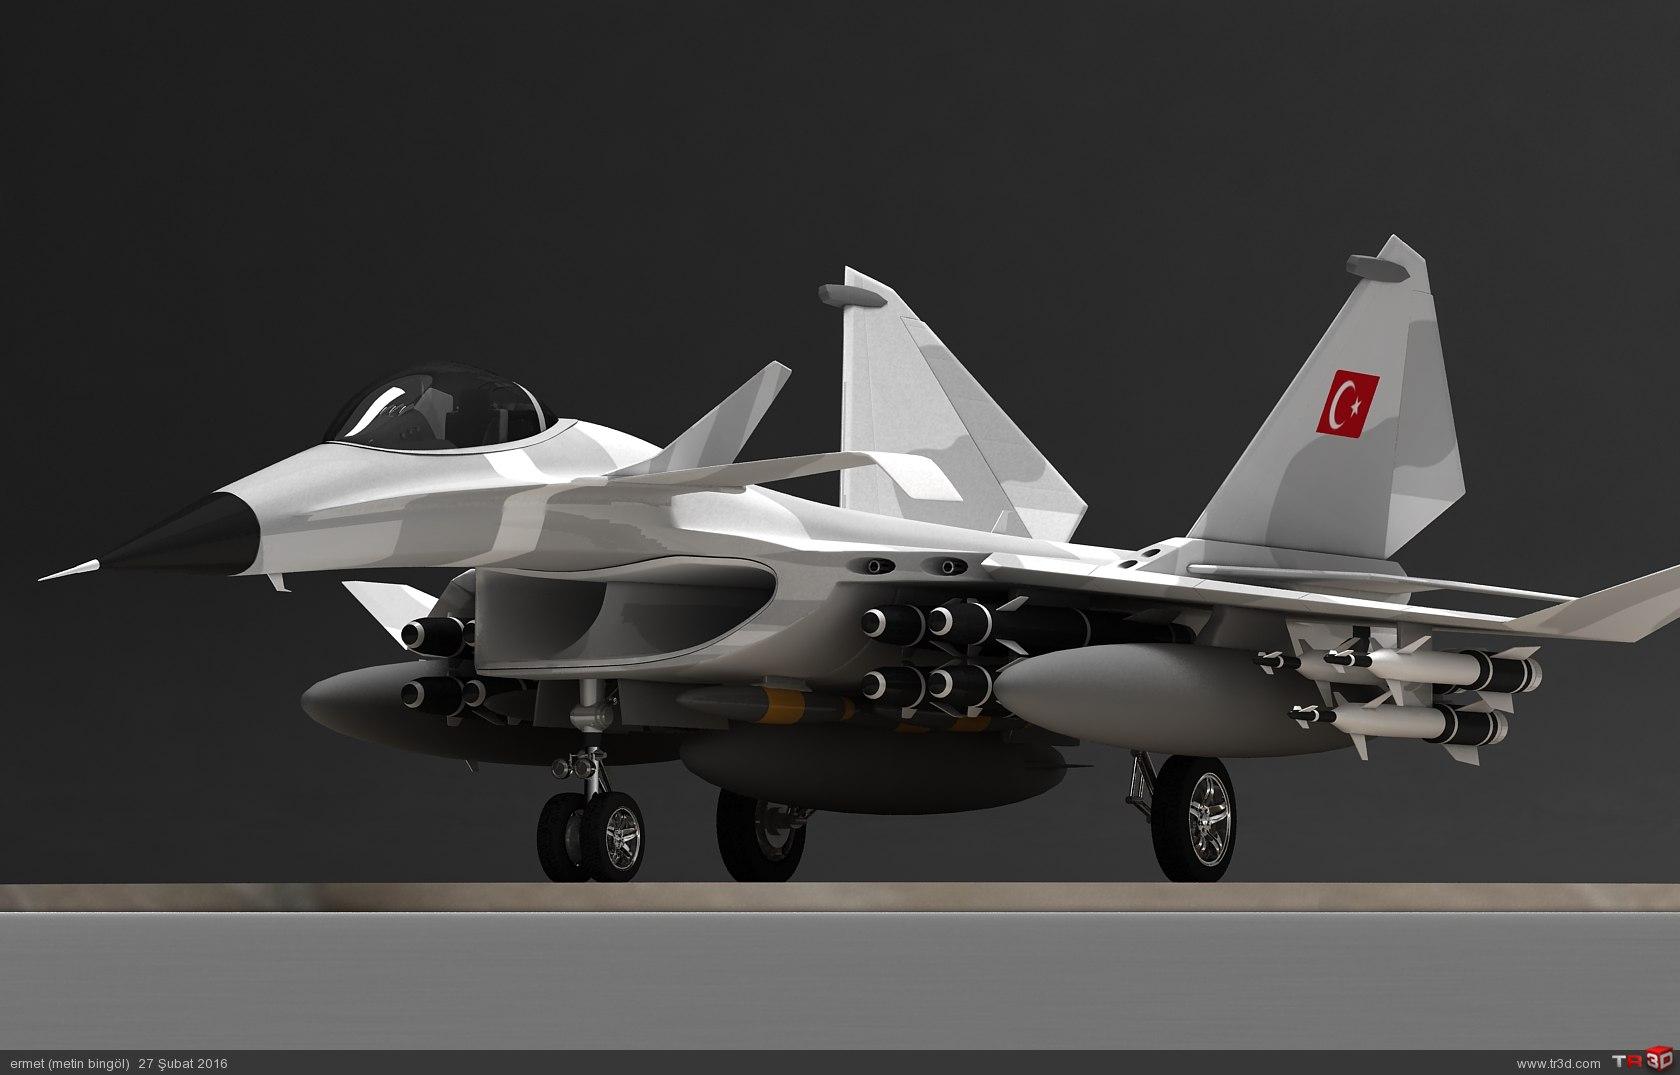 türk savaş uçağı metin serisi  (M 15)